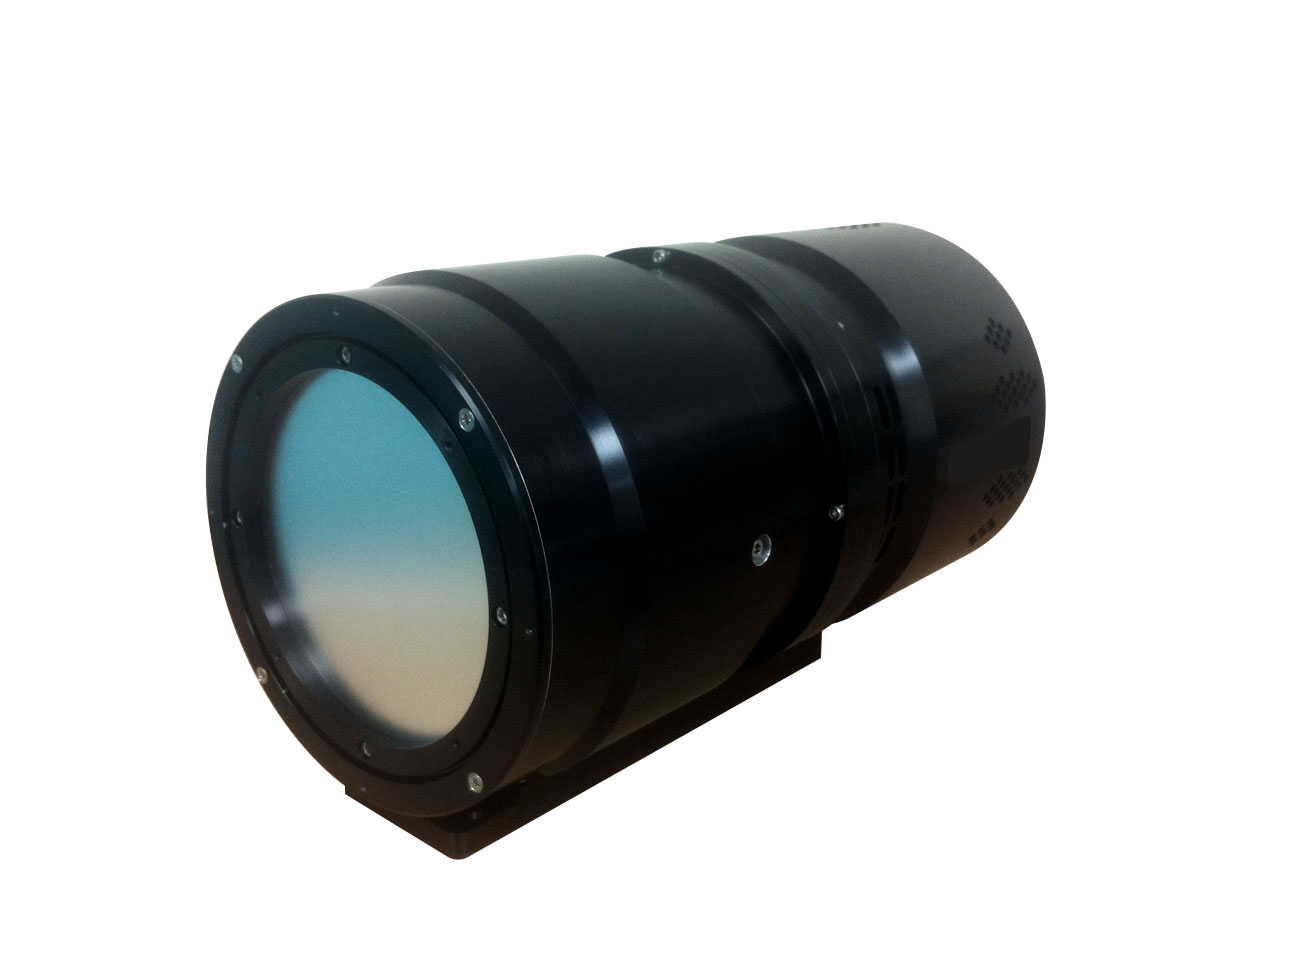 X-ray sCMOS 16 MP camera